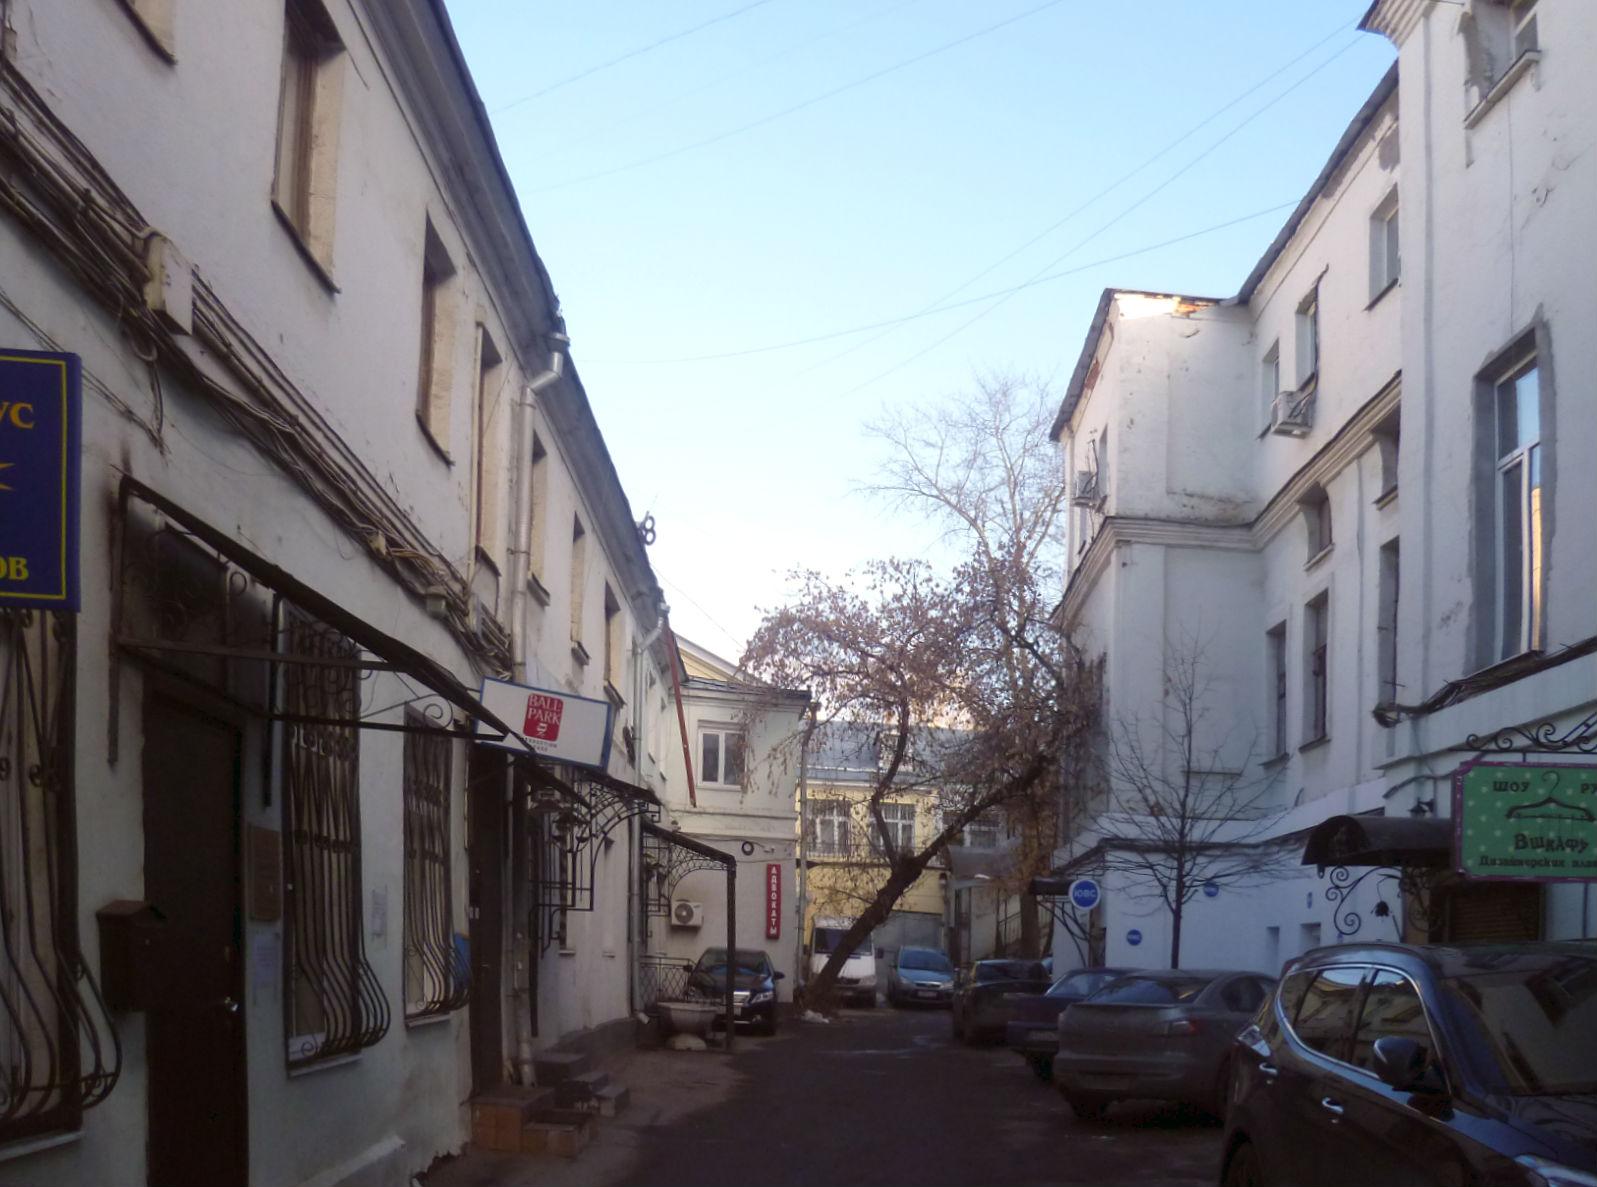 Наследник по завещанию Благодатный переулок иск наследников Федора Тютчева улица